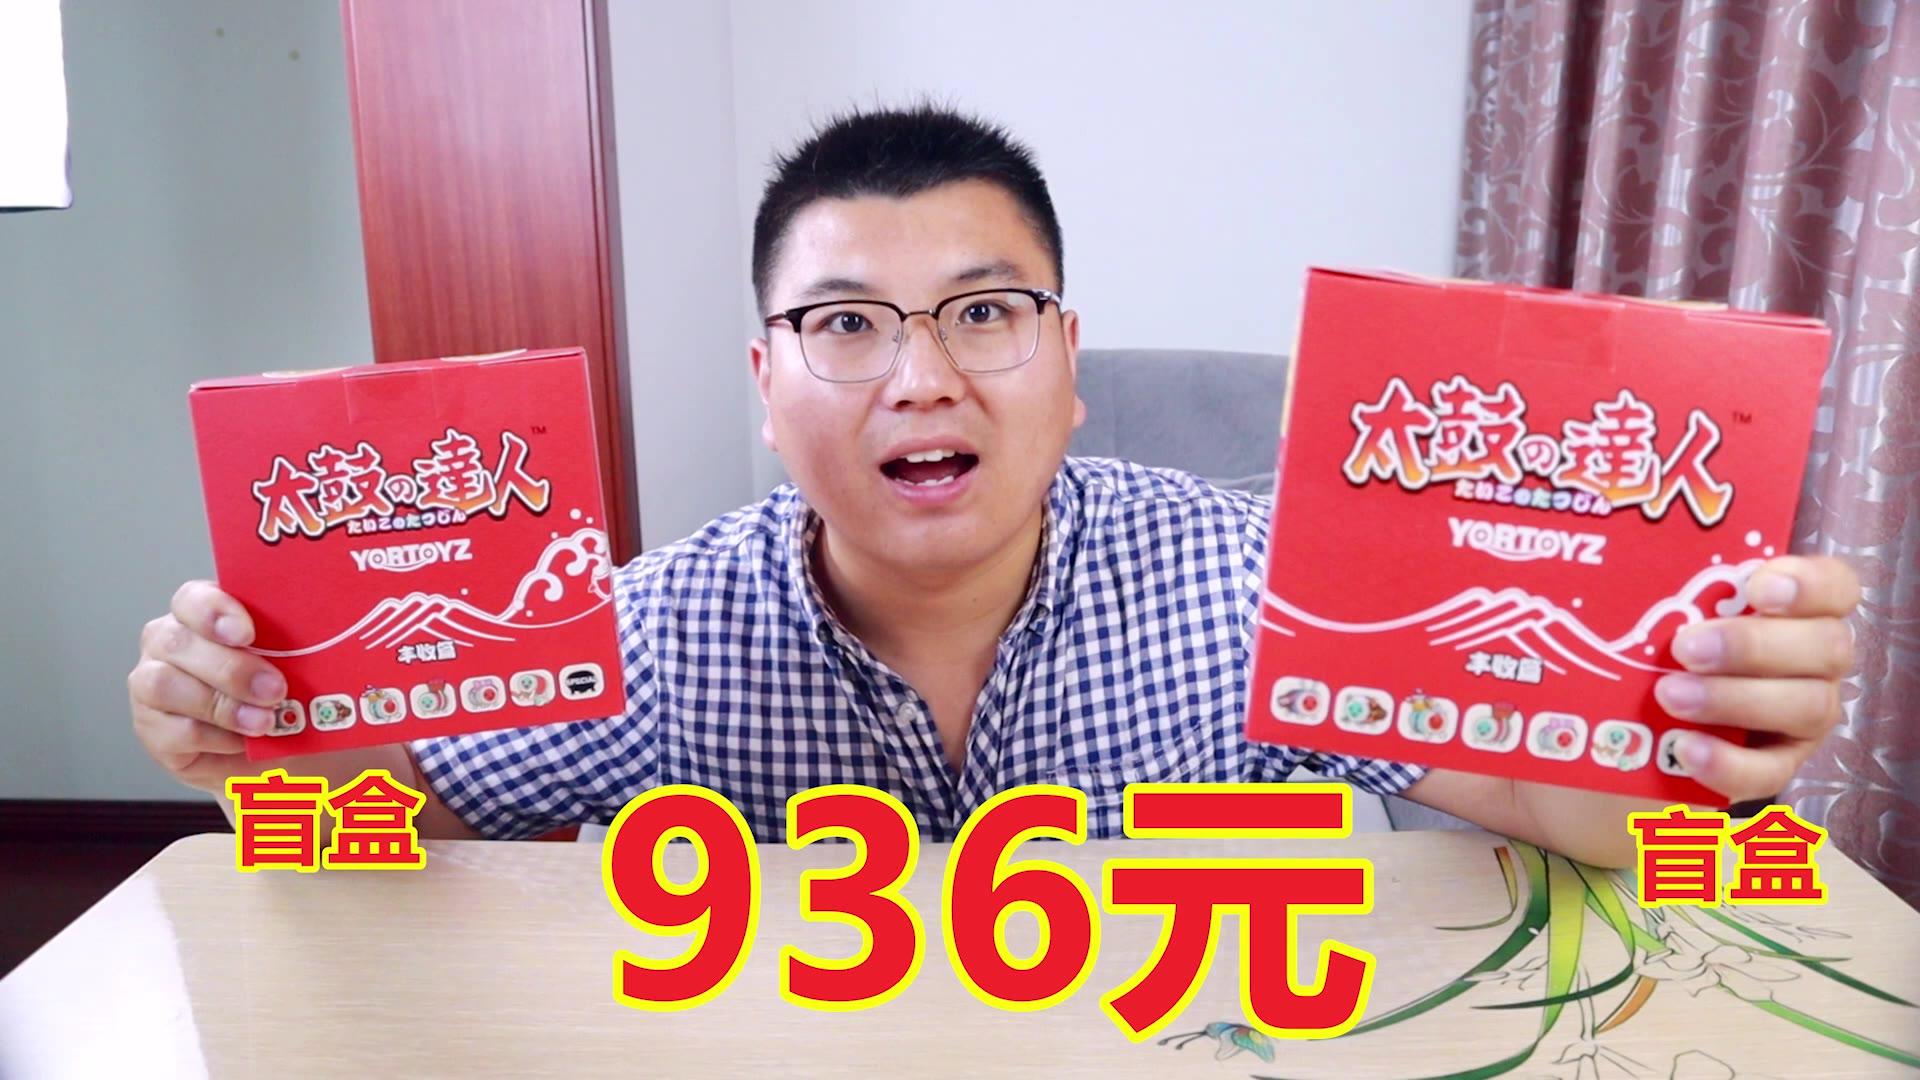 936元买的太鼓达人盲盒,一盒送粉丝,你有没有喜欢的?